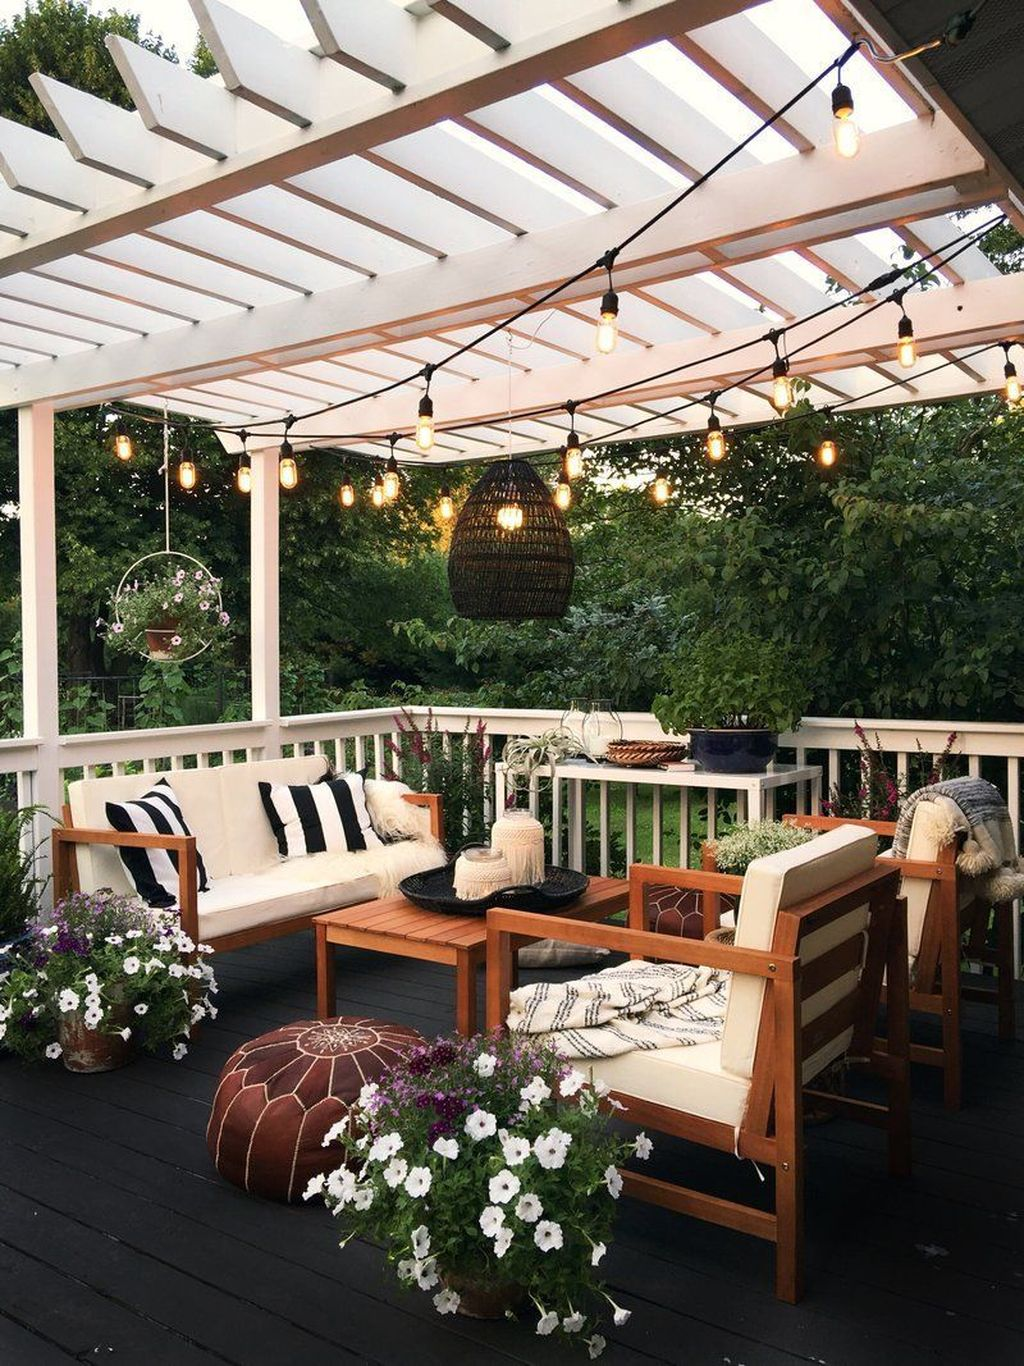 Inspiring Pergola Patio Design Ideas For Your Backyard Decor 31